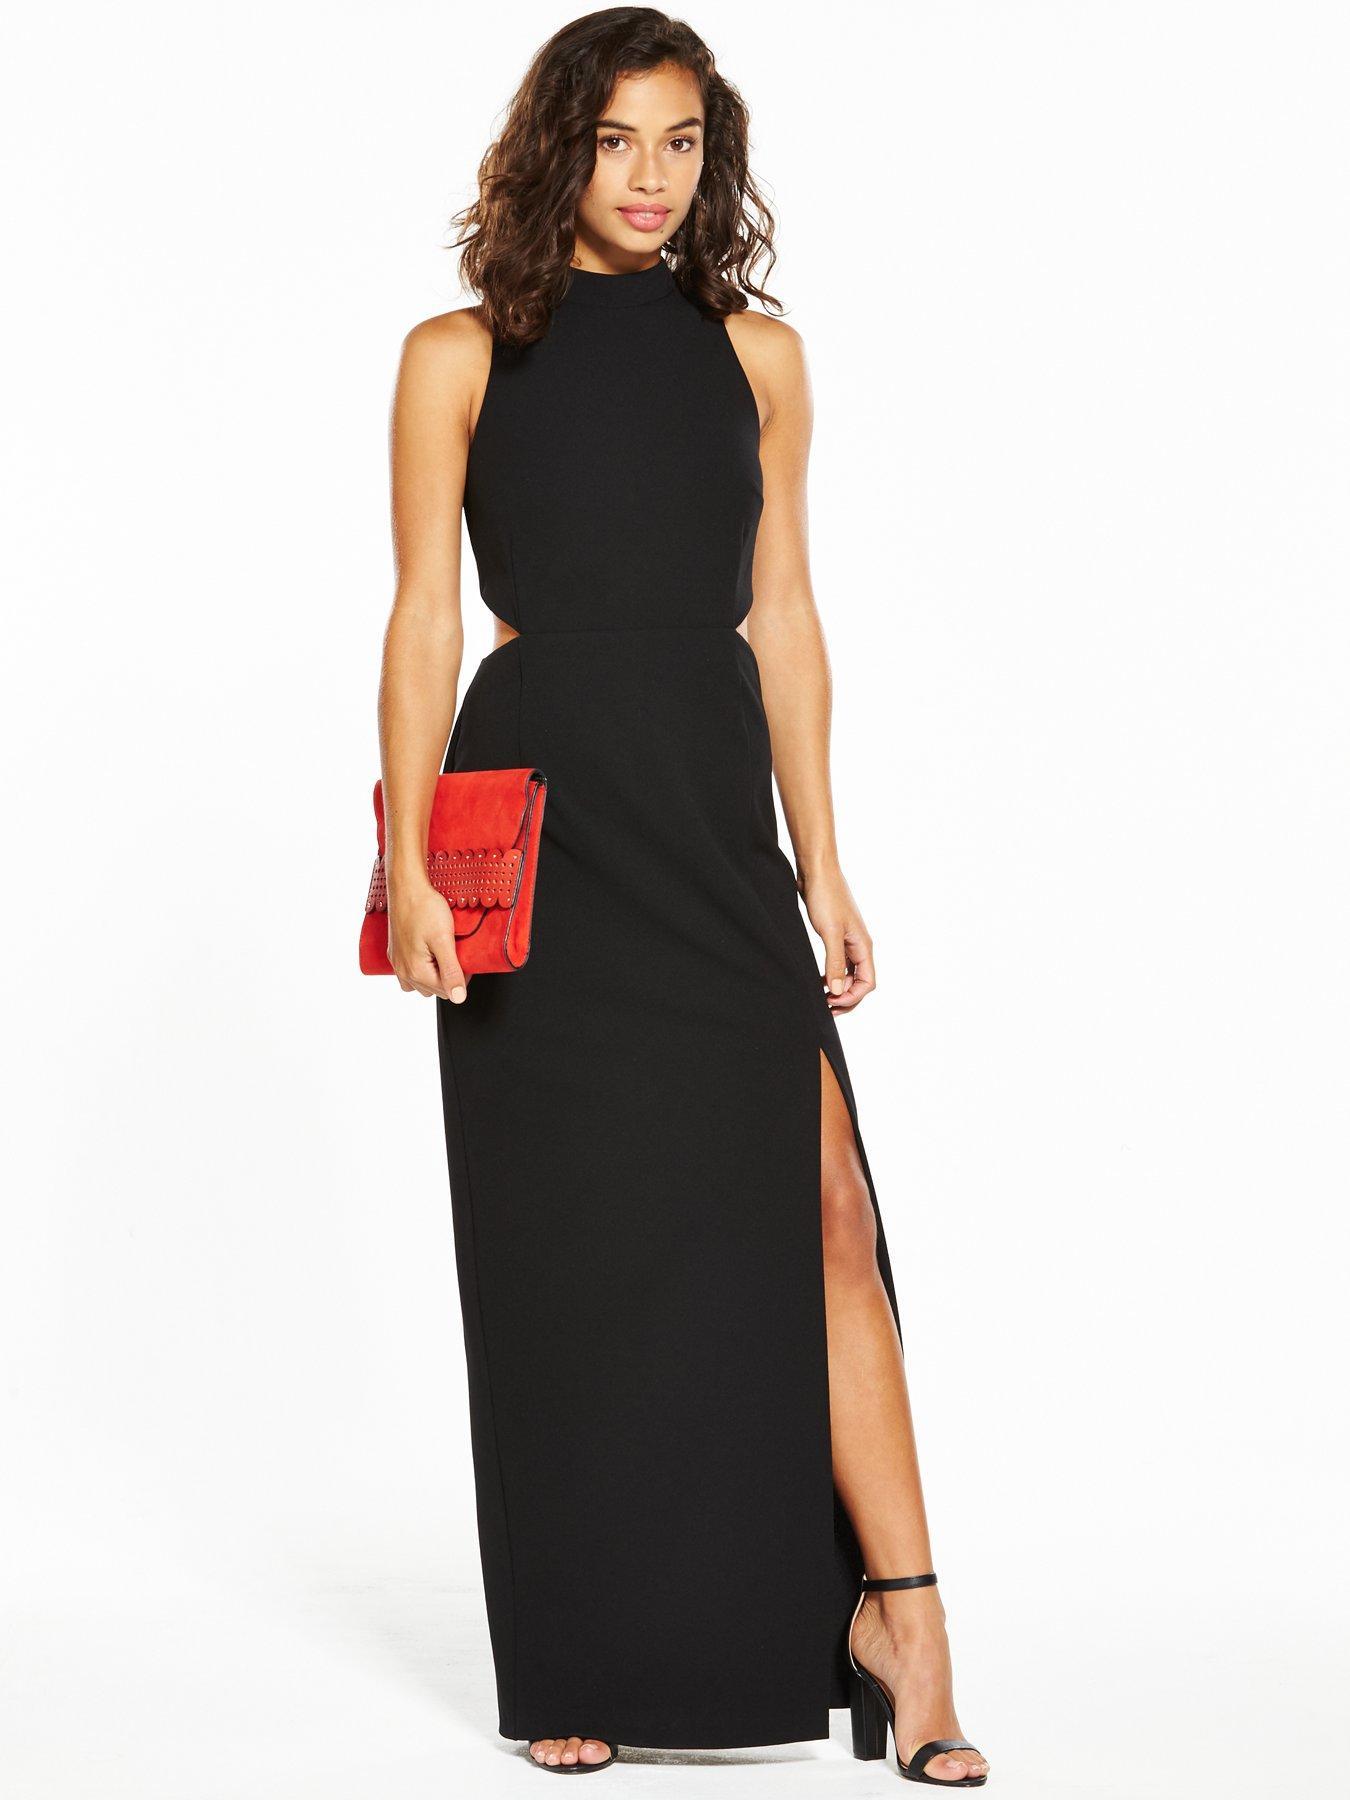 Petite Summer Dresses On Sale